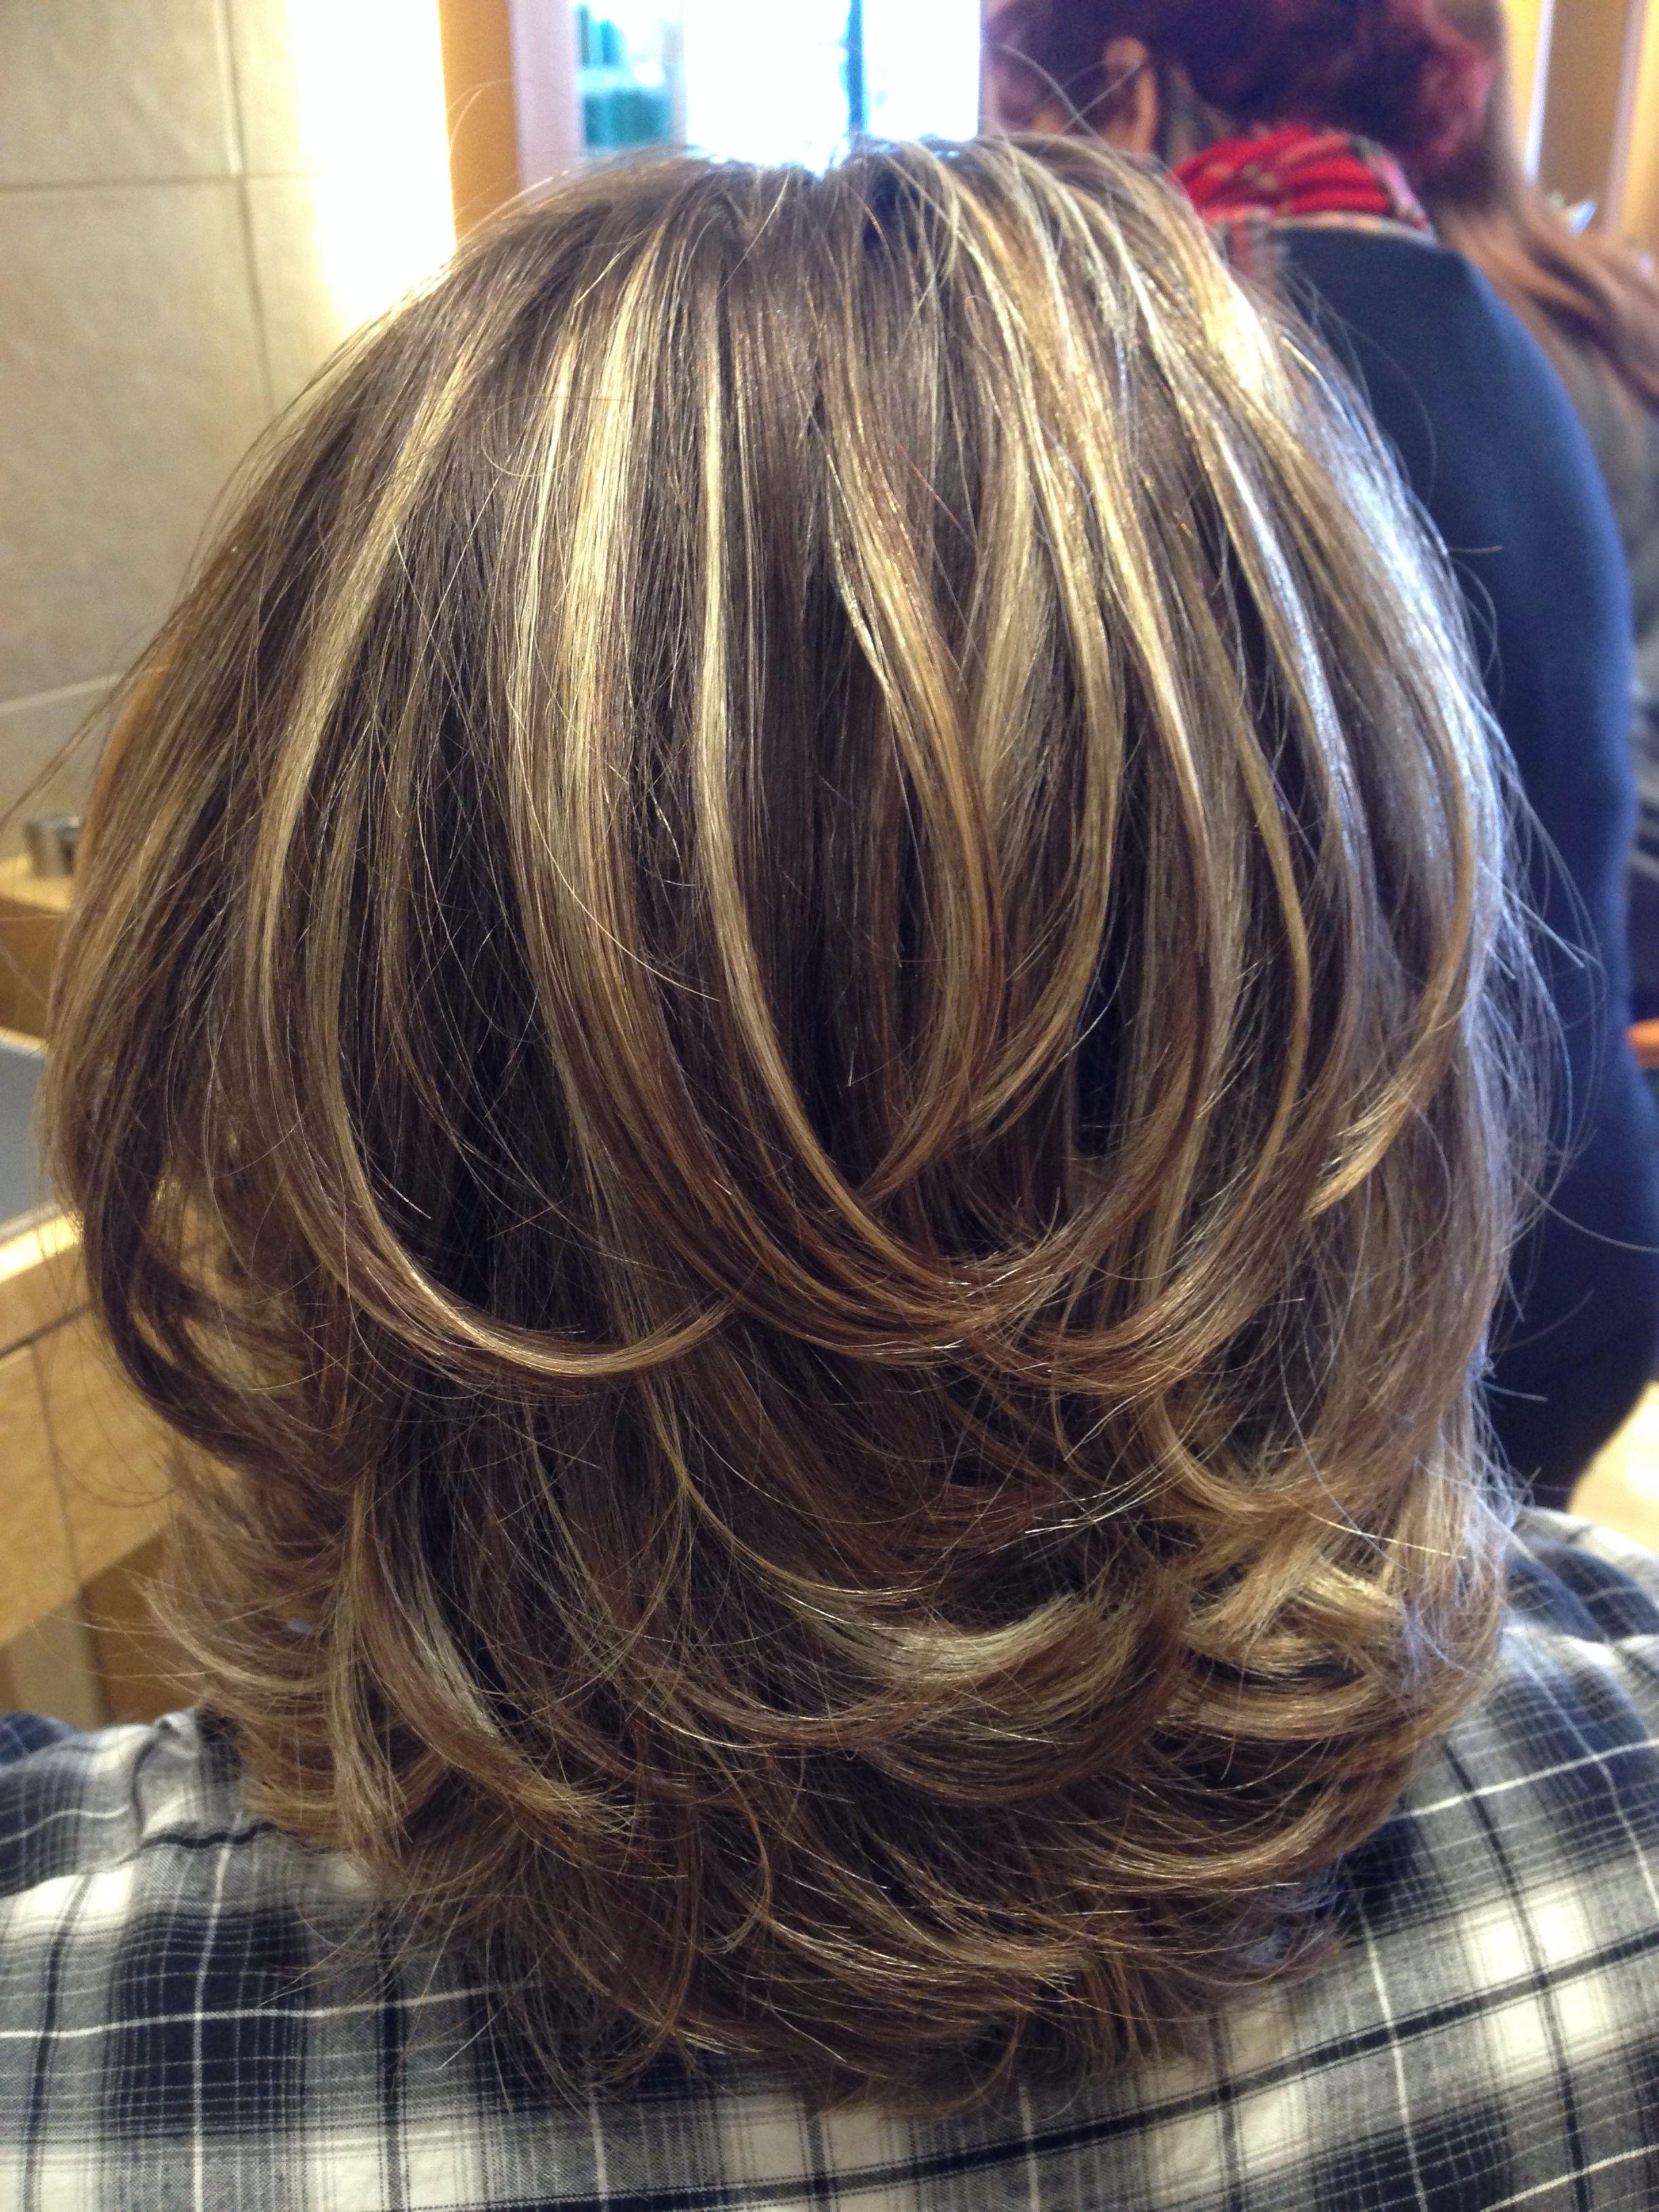 Hair Styles, Hair, Hair Cuts (View 9 of 20)